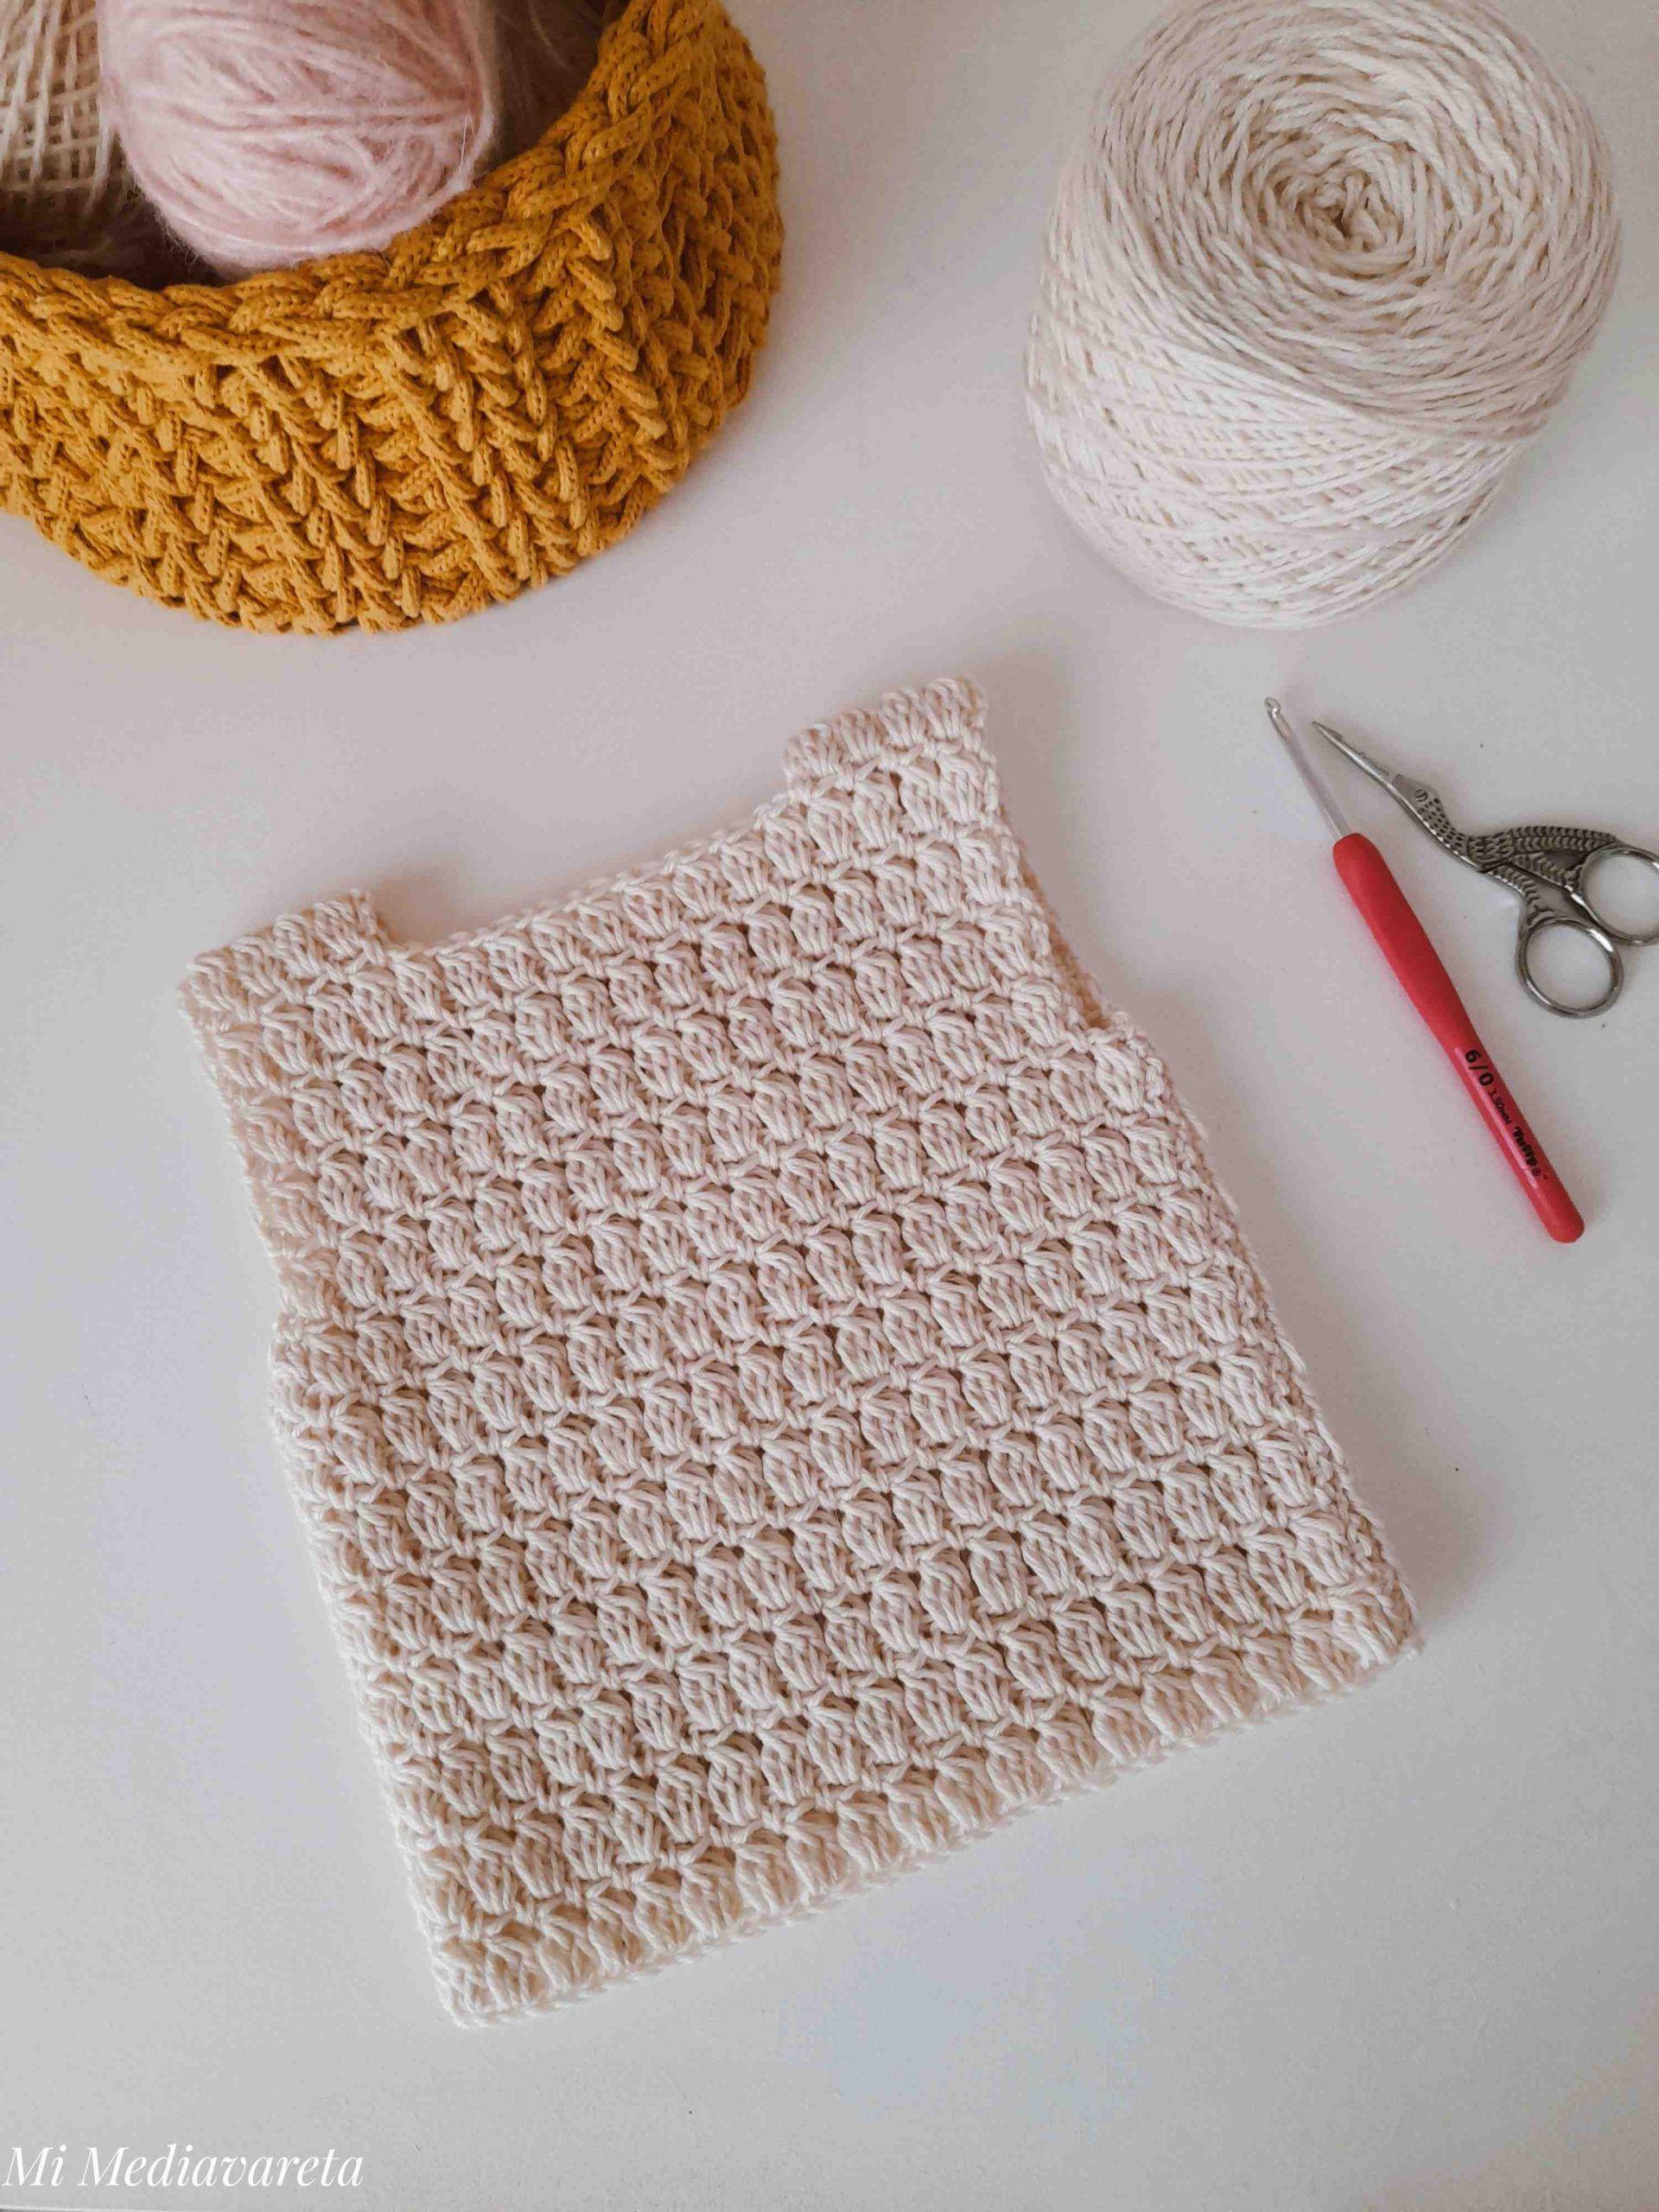 Chaleco a crochet para bebé. Cómo tejer Chaleco  a crochet niño/niña 🧒 👧 - unisex- paso a paso en ESPAÑOL